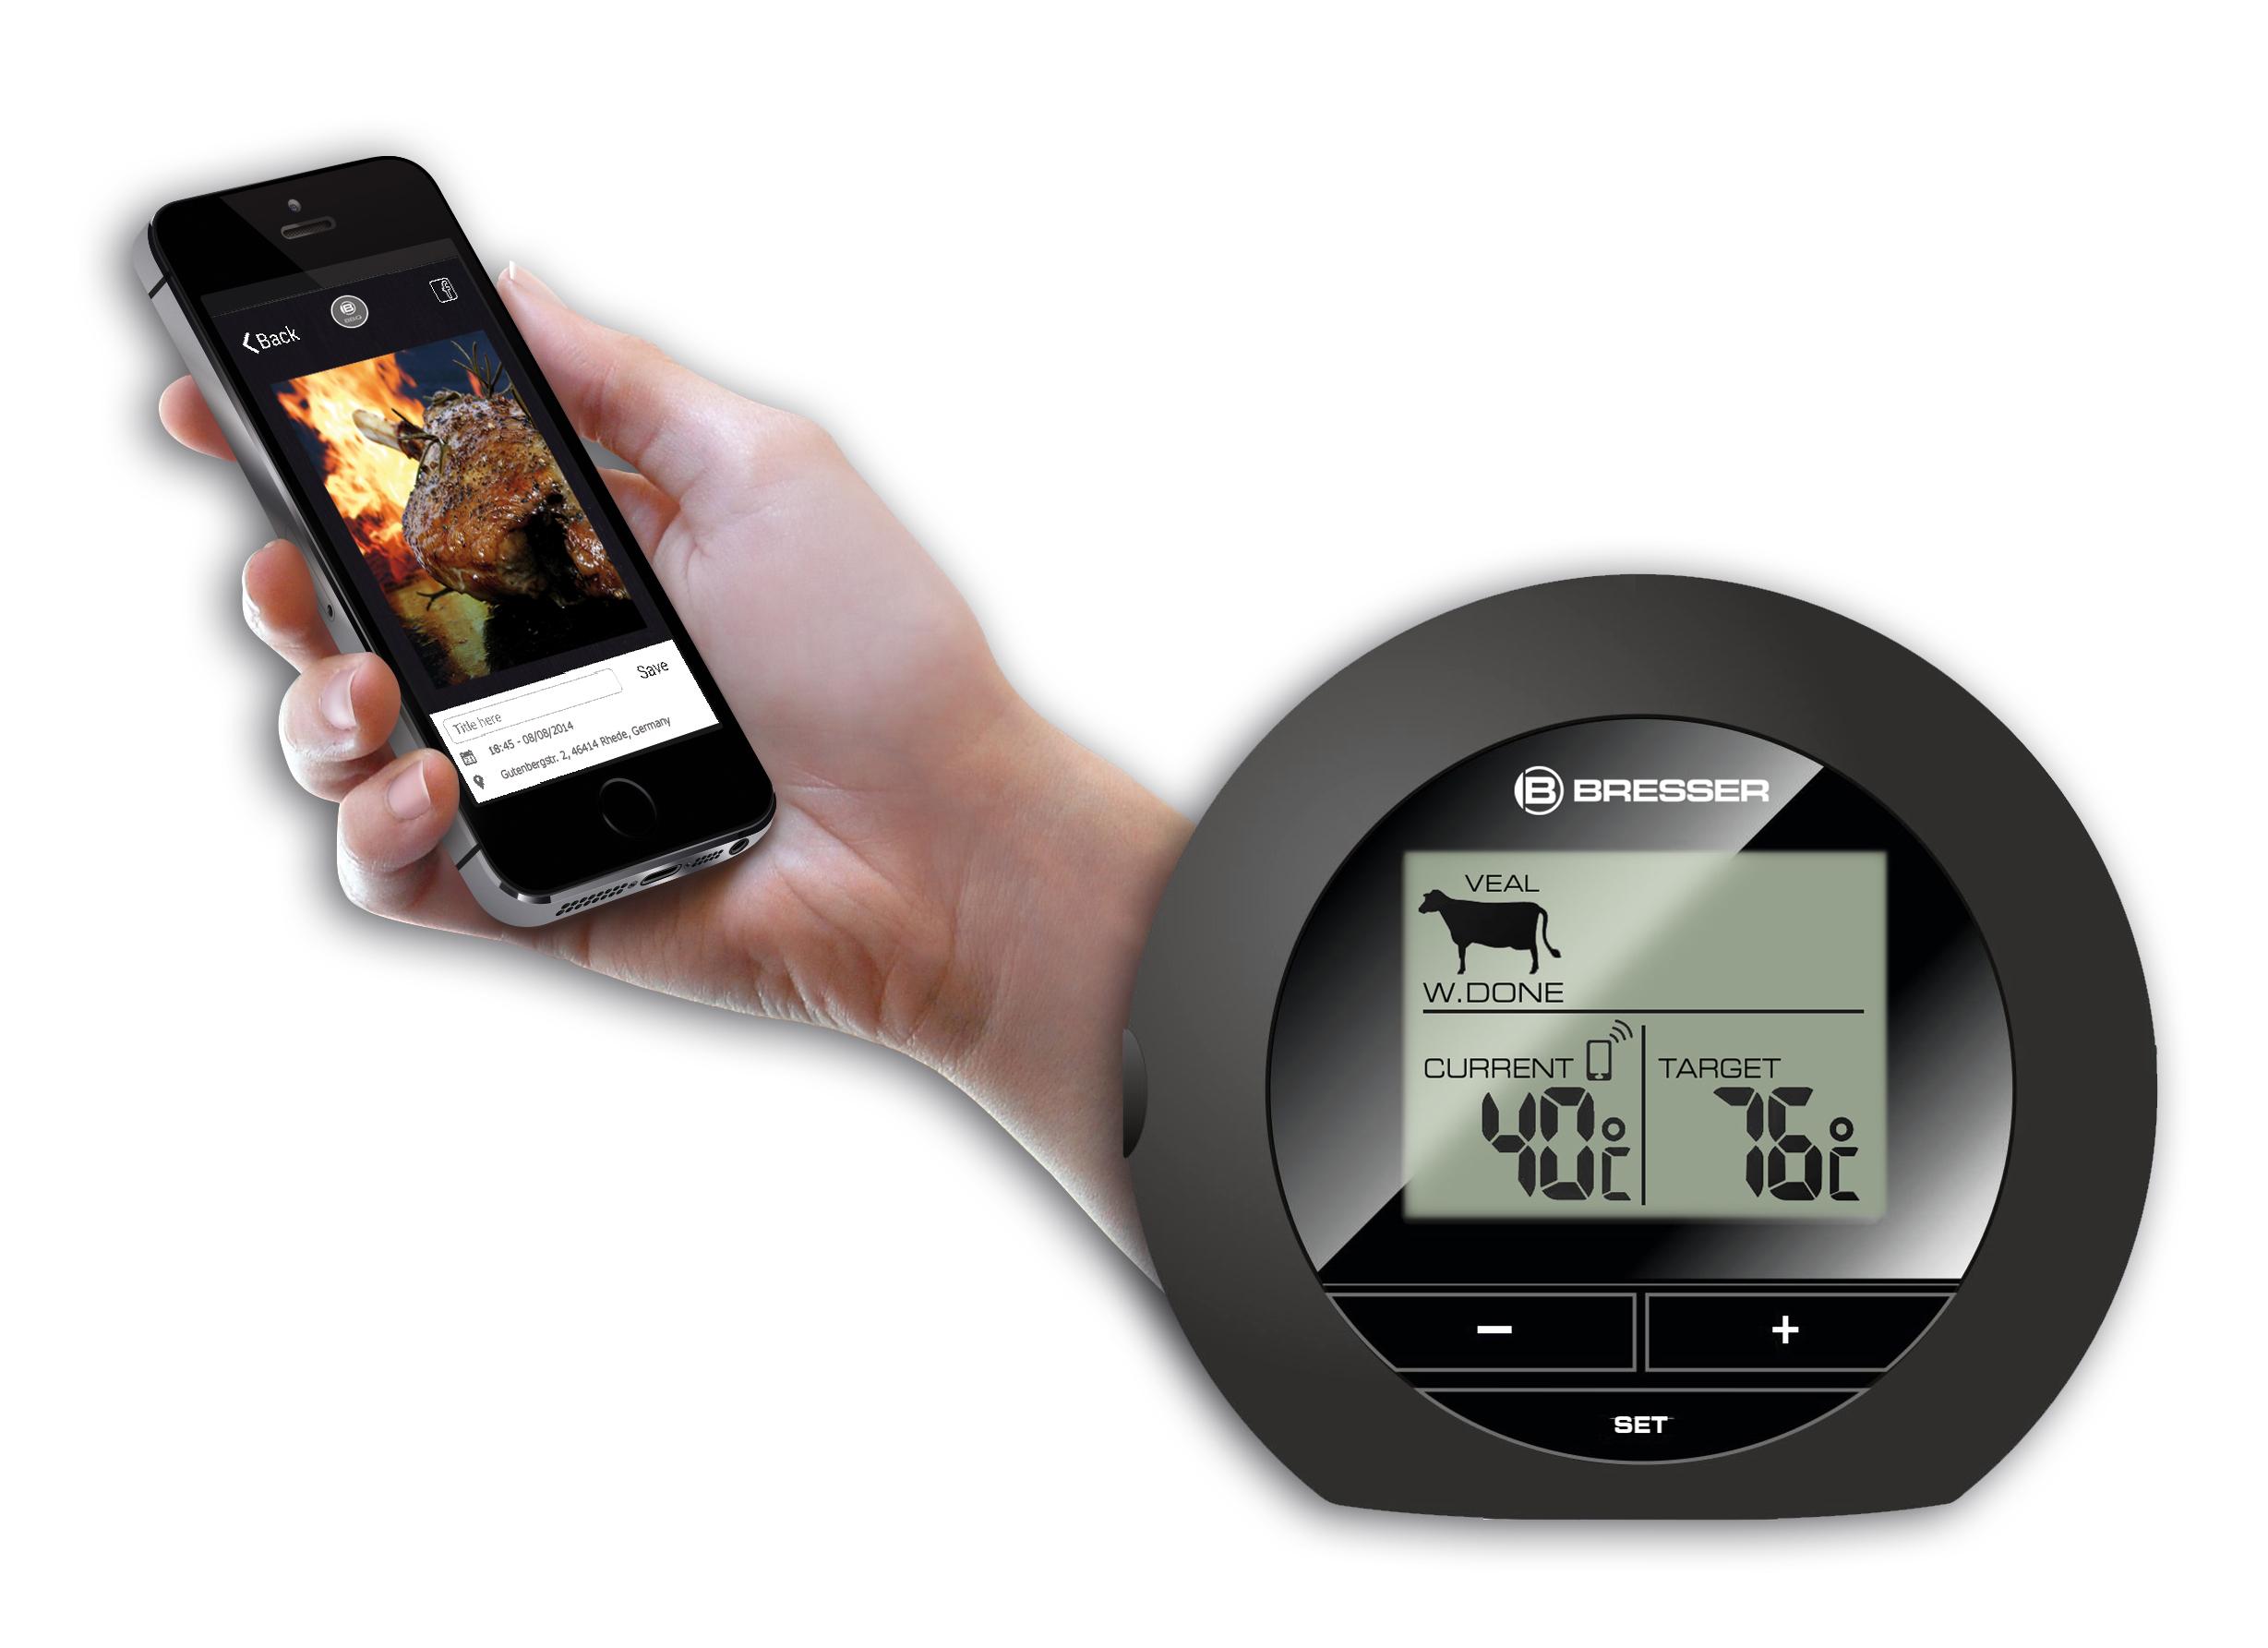 Iphone Entfernungsmesser Bedienungsanleitung : Entfernungsmesser u sportelektronik